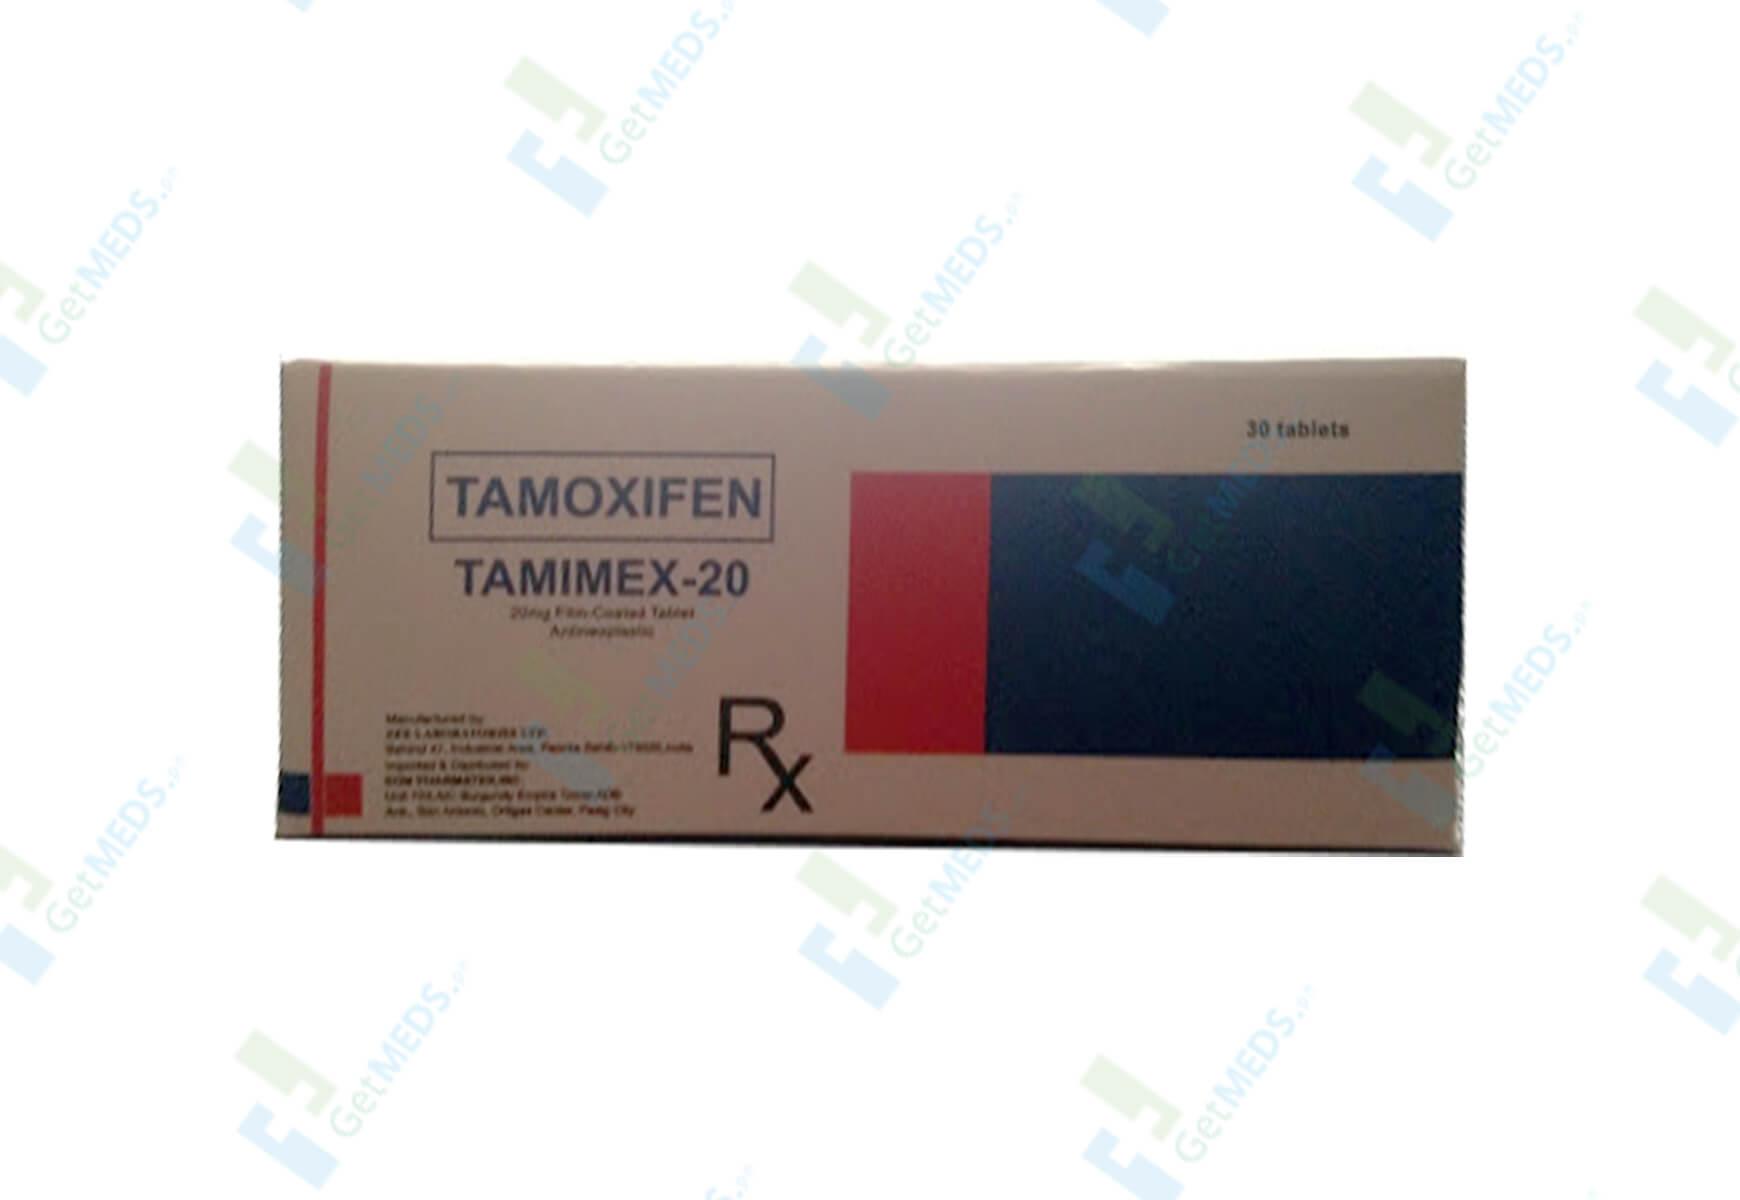 Tamimex